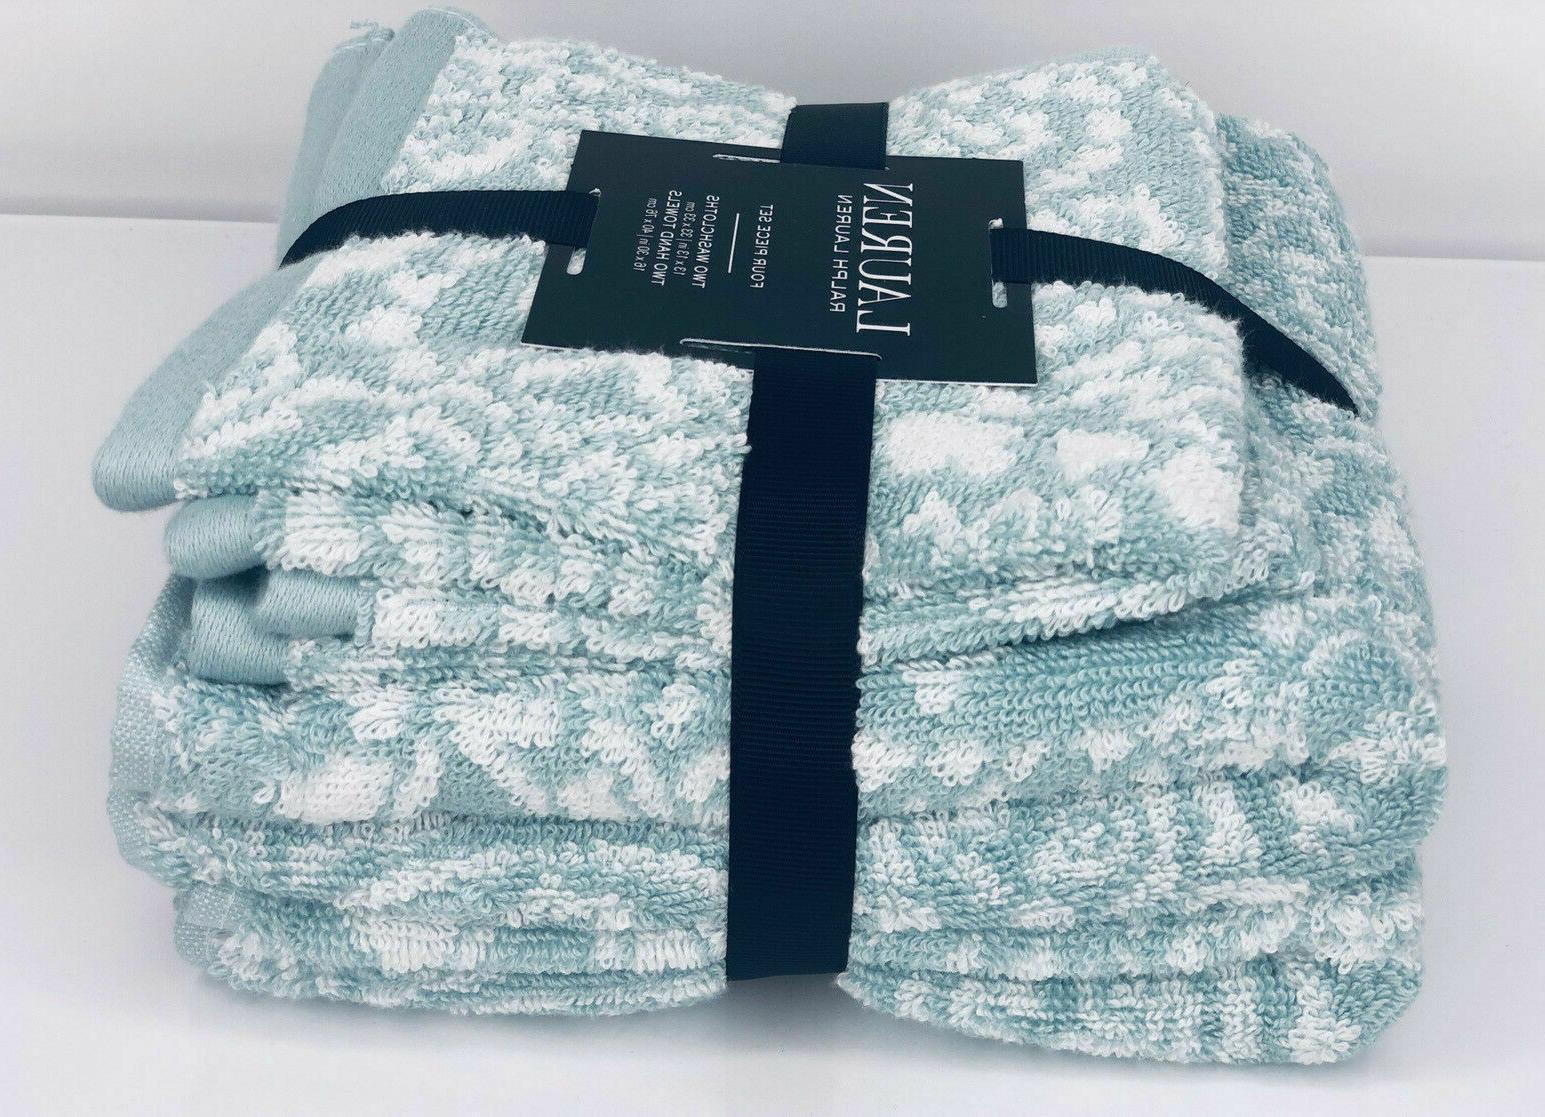 RALPH LAUREN Towel Set Hand Towels Washcloths cotton